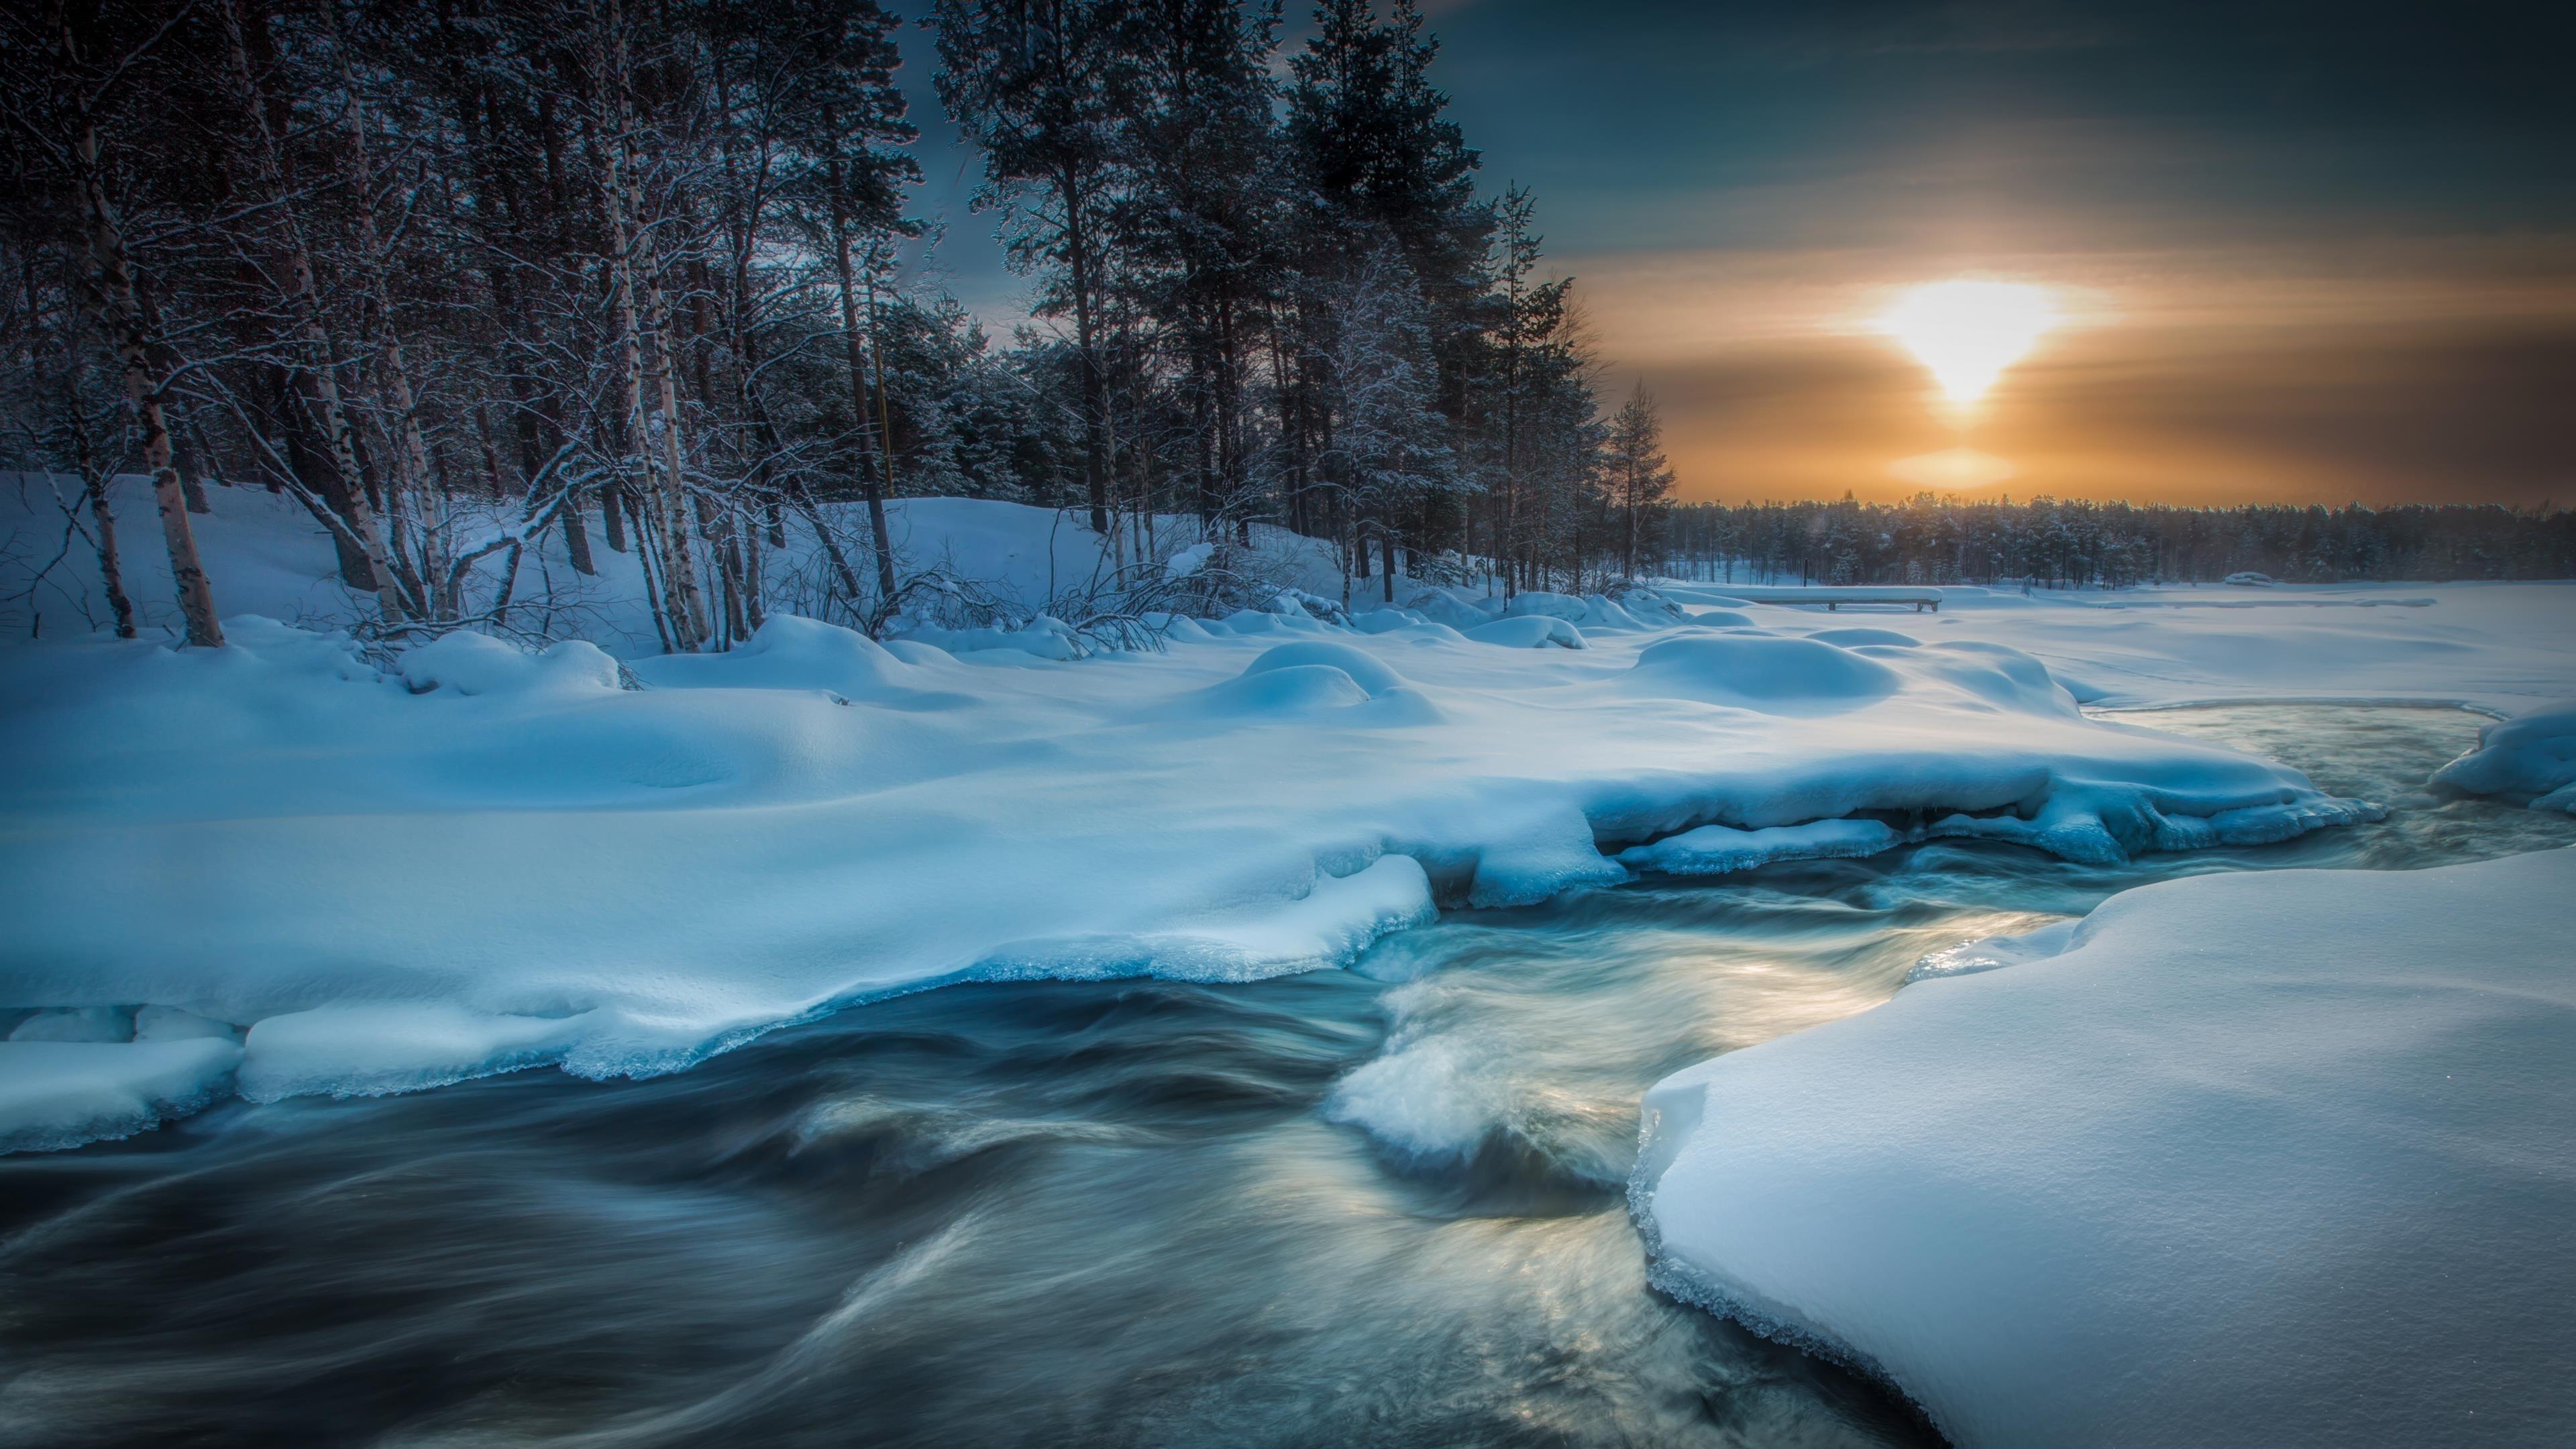 Ручей река между соснами во время заката солнца в зимней природе обои скачать